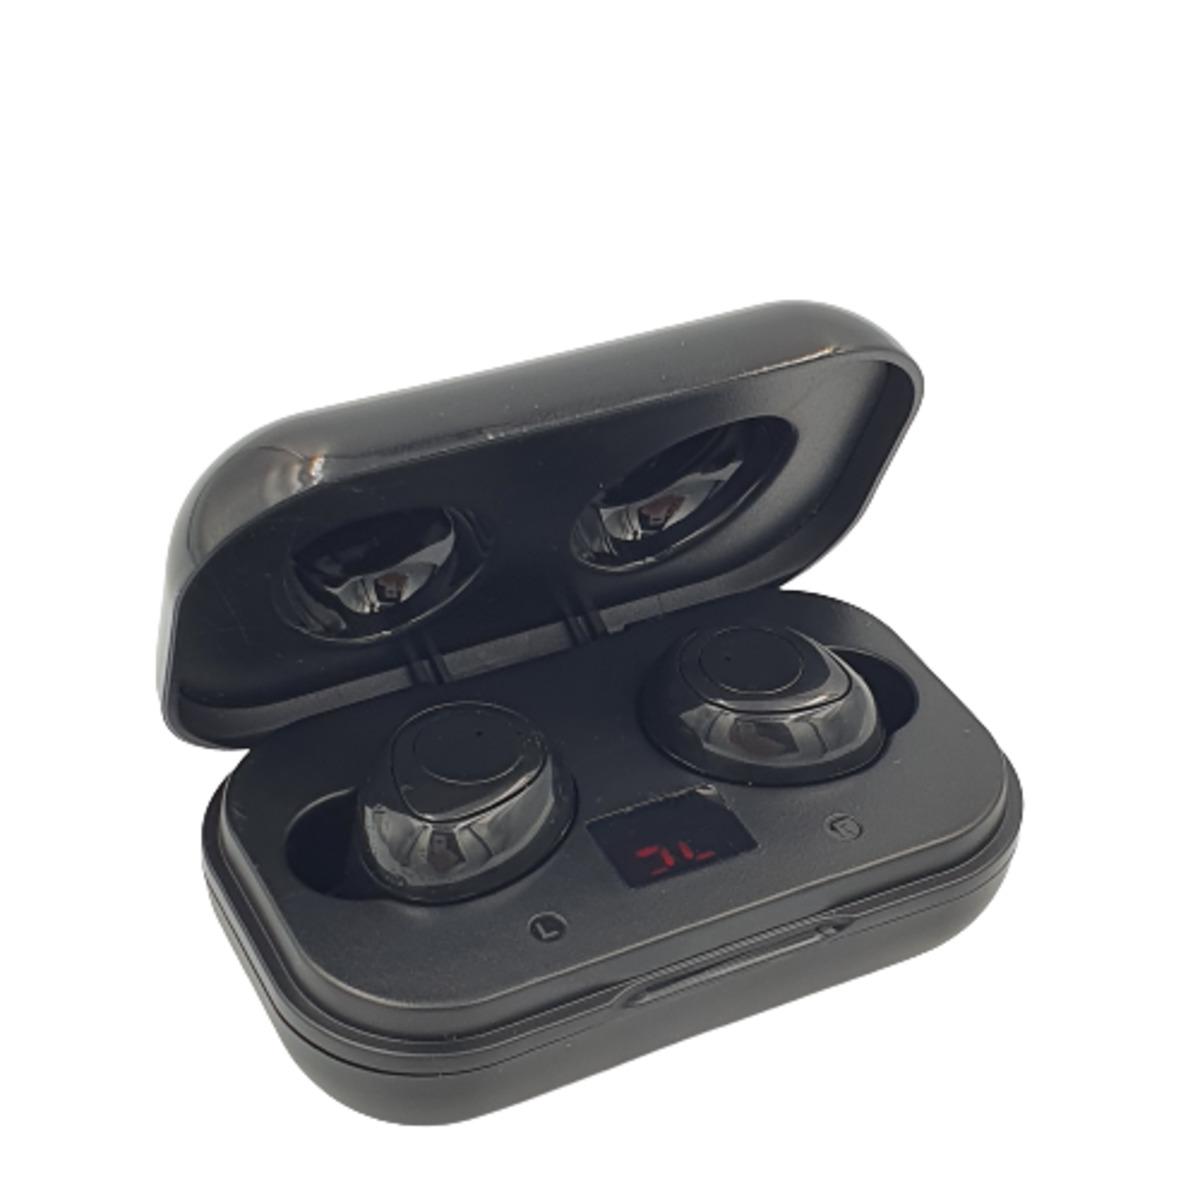 Fone de Ouvido Sem Fio Wireless Bluetooth Preto FON-8614 Inova